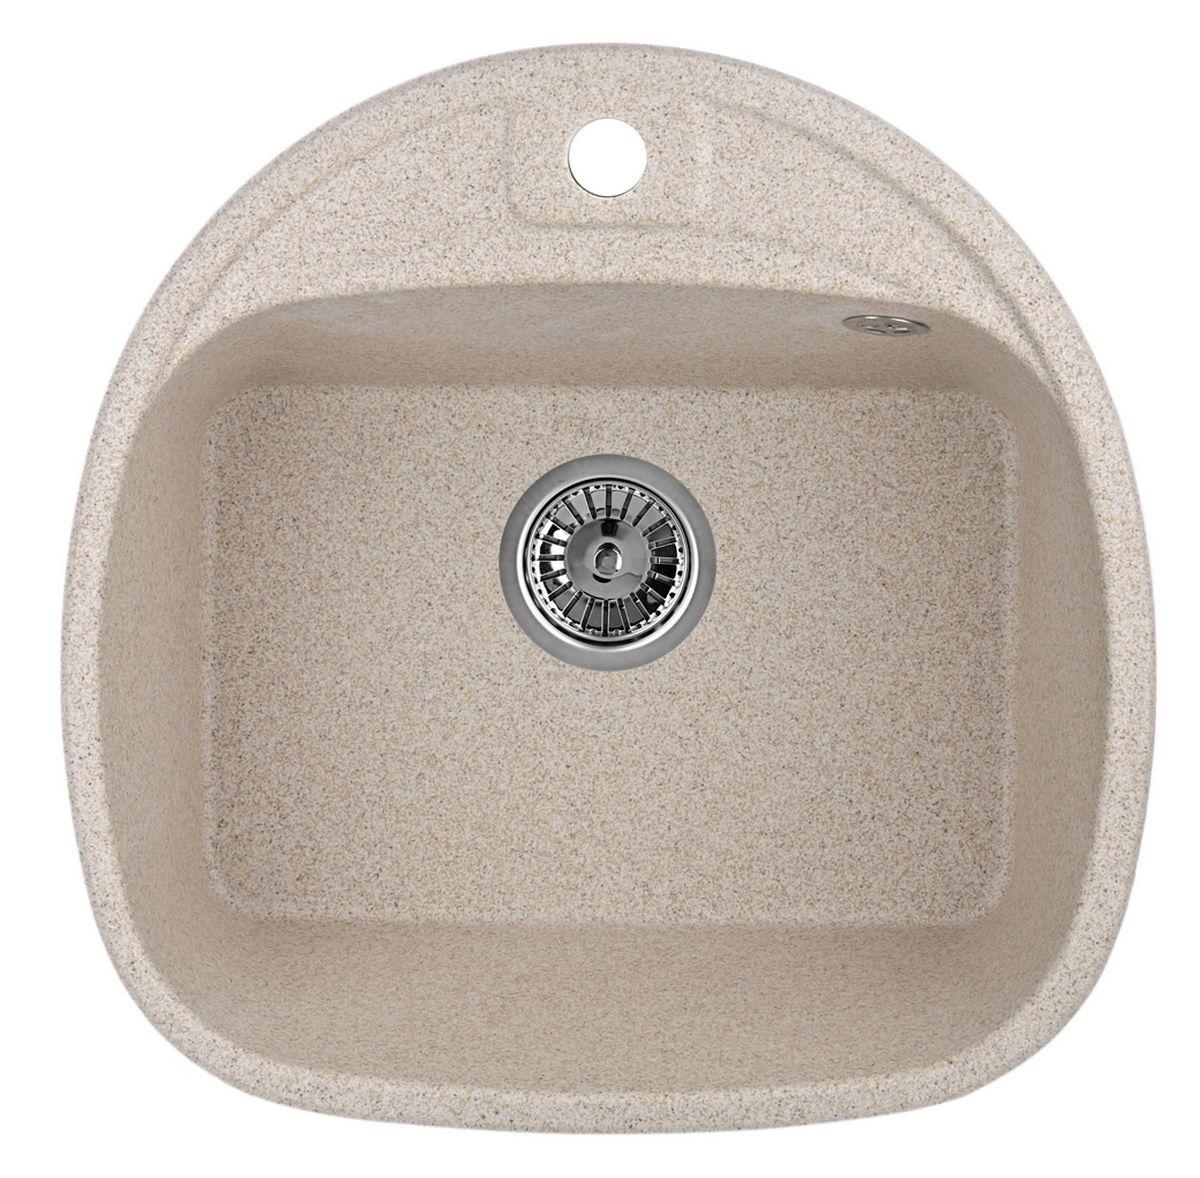 Мойка Weissgauff Softline 500 Eco Granit, цвет: песочный, 50,0 х 20,5 х 50,0 см306211Гранитные мойки Weissgauff Eco Granit – классическая коллекция моек, изготовленных из специально подобранных композитных материалов , содержащих оптимальное сочетание 80% каменной массы высокого качества и 20% связующих материалов. Оригинальный и функциональный дизайн - технология изготовления позволяет создавать любые цвета и формы, оптимальные для современных кухонь. Мойки Weissgauff легко подобрать к интерьеру любой кухни, для разных цветов и форм столешниц Влагостойкость - отталкивание влаги – одна из примечательных особенностей моек из искусственного камня за счет связующих композитных материалов, которые продлевают их срок службы и способствуют сохранению первоначального вида Термостойкость - подвергая мойки воздействию высоких температур, например, различными горячими жидкостями, будьте уверенны, что мойки Weissgauff – эталон стойкости и качества, так как они устойчивы к перепаду температур. Специальный состав моек Weisgauff избавляет от проблемы...